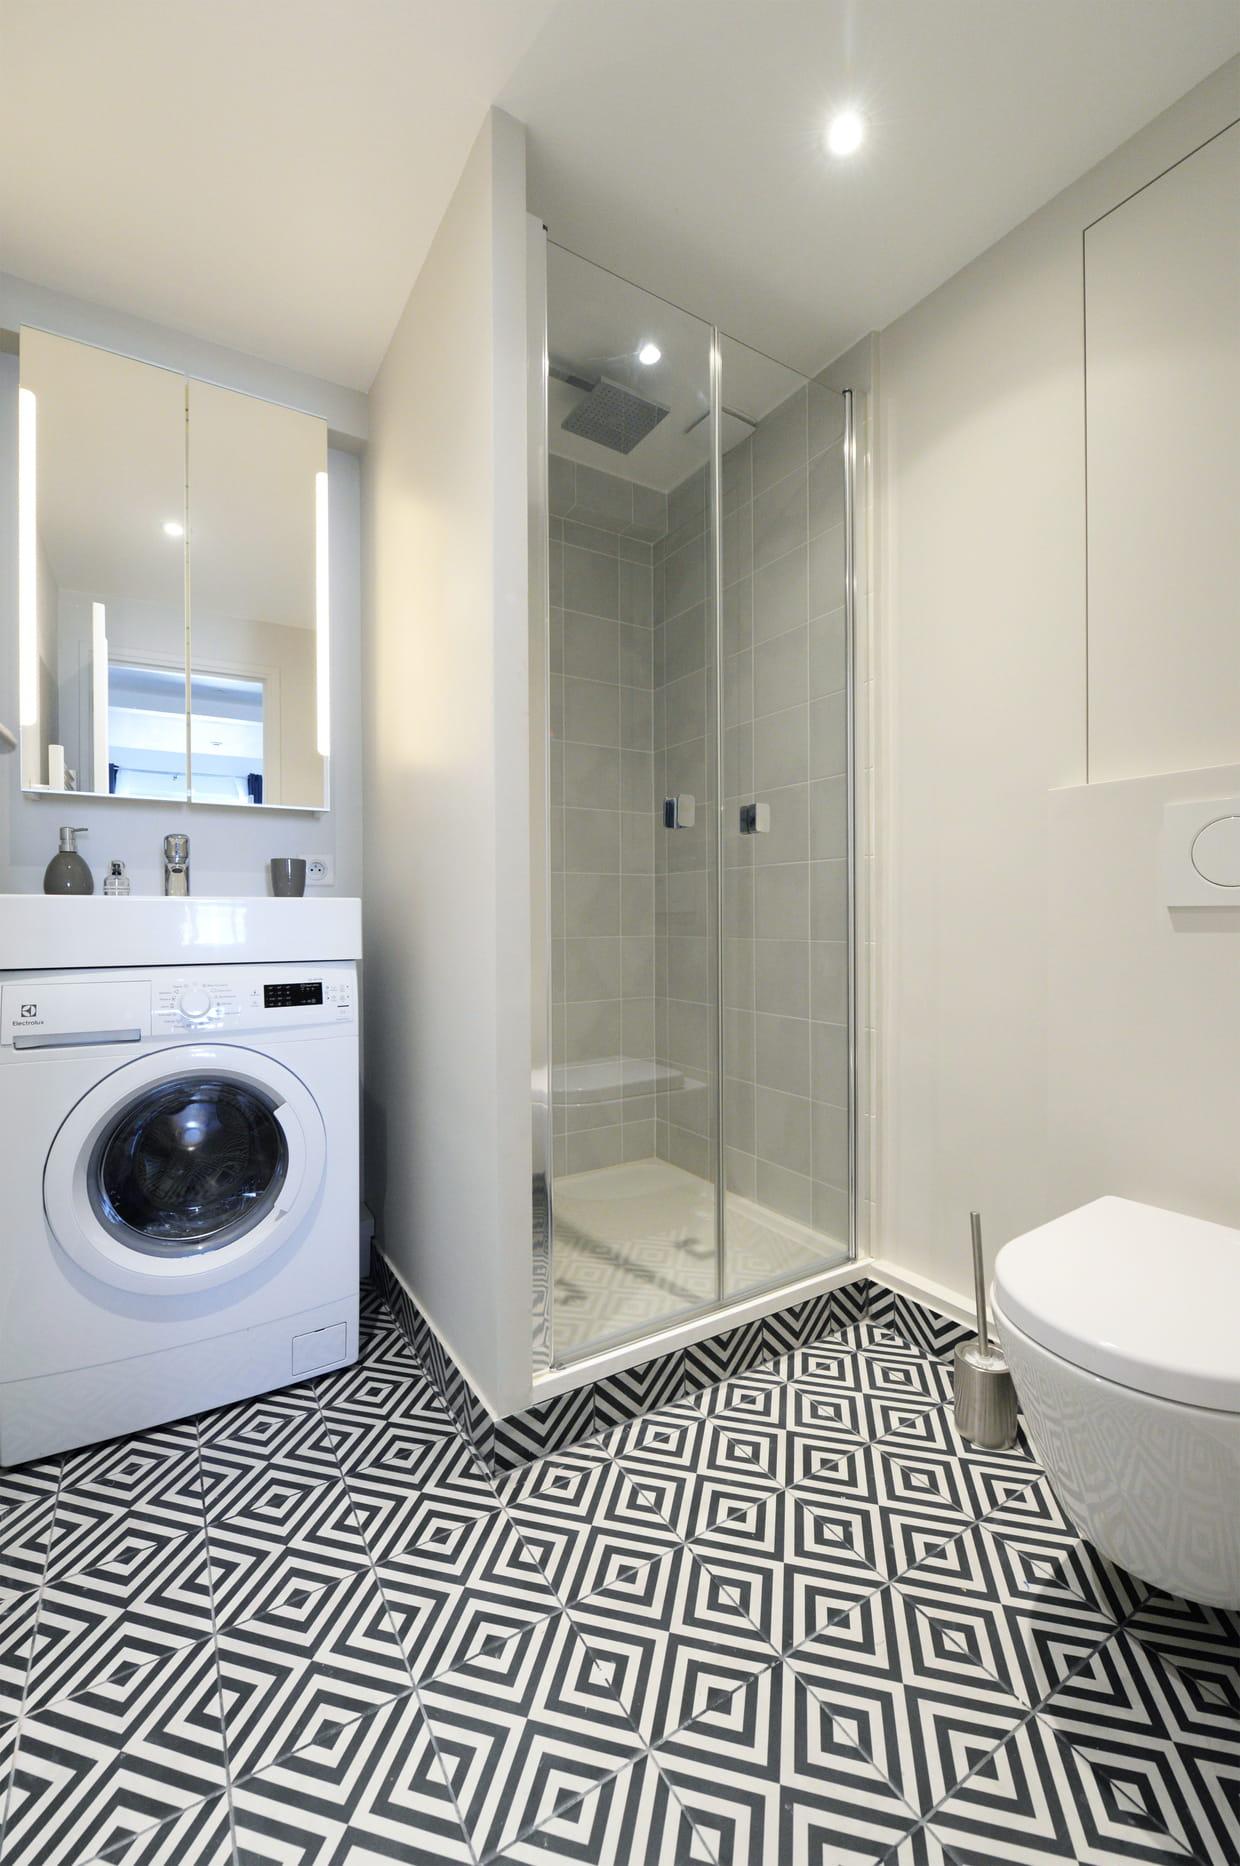 des wc au dessus d 39 un carrelage trompe l 39 il. Black Bedroom Furniture Sets. Home Design Ideas